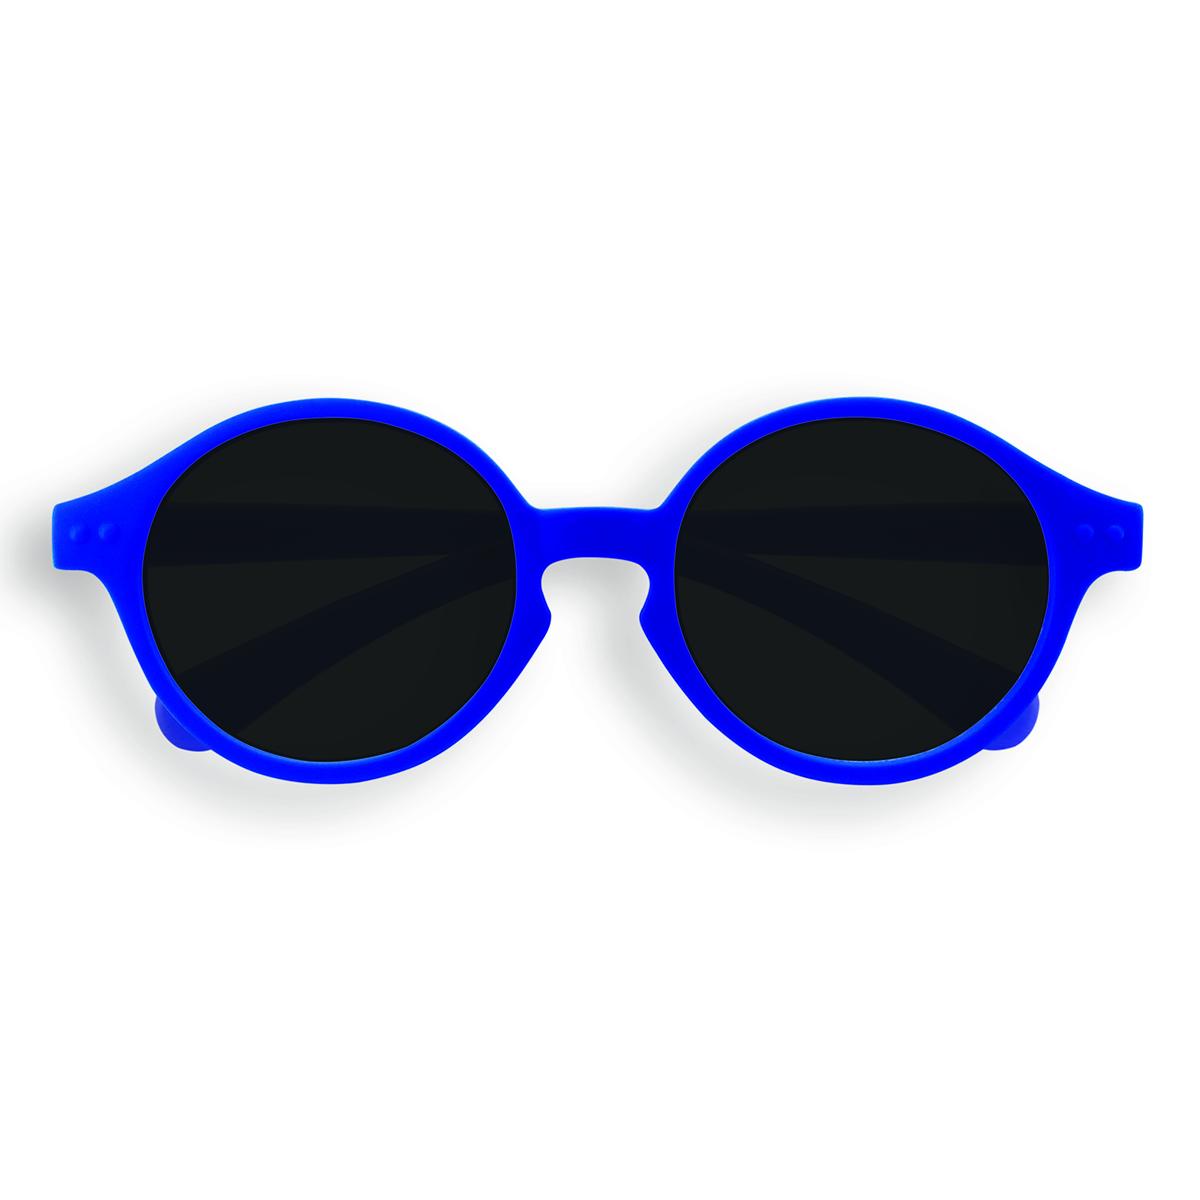 Accessoires bébé Lunettes de Soleil Marine Blue - 12/36 Mois Lunettes de Soleil Marine Blue - 12/36 Mois